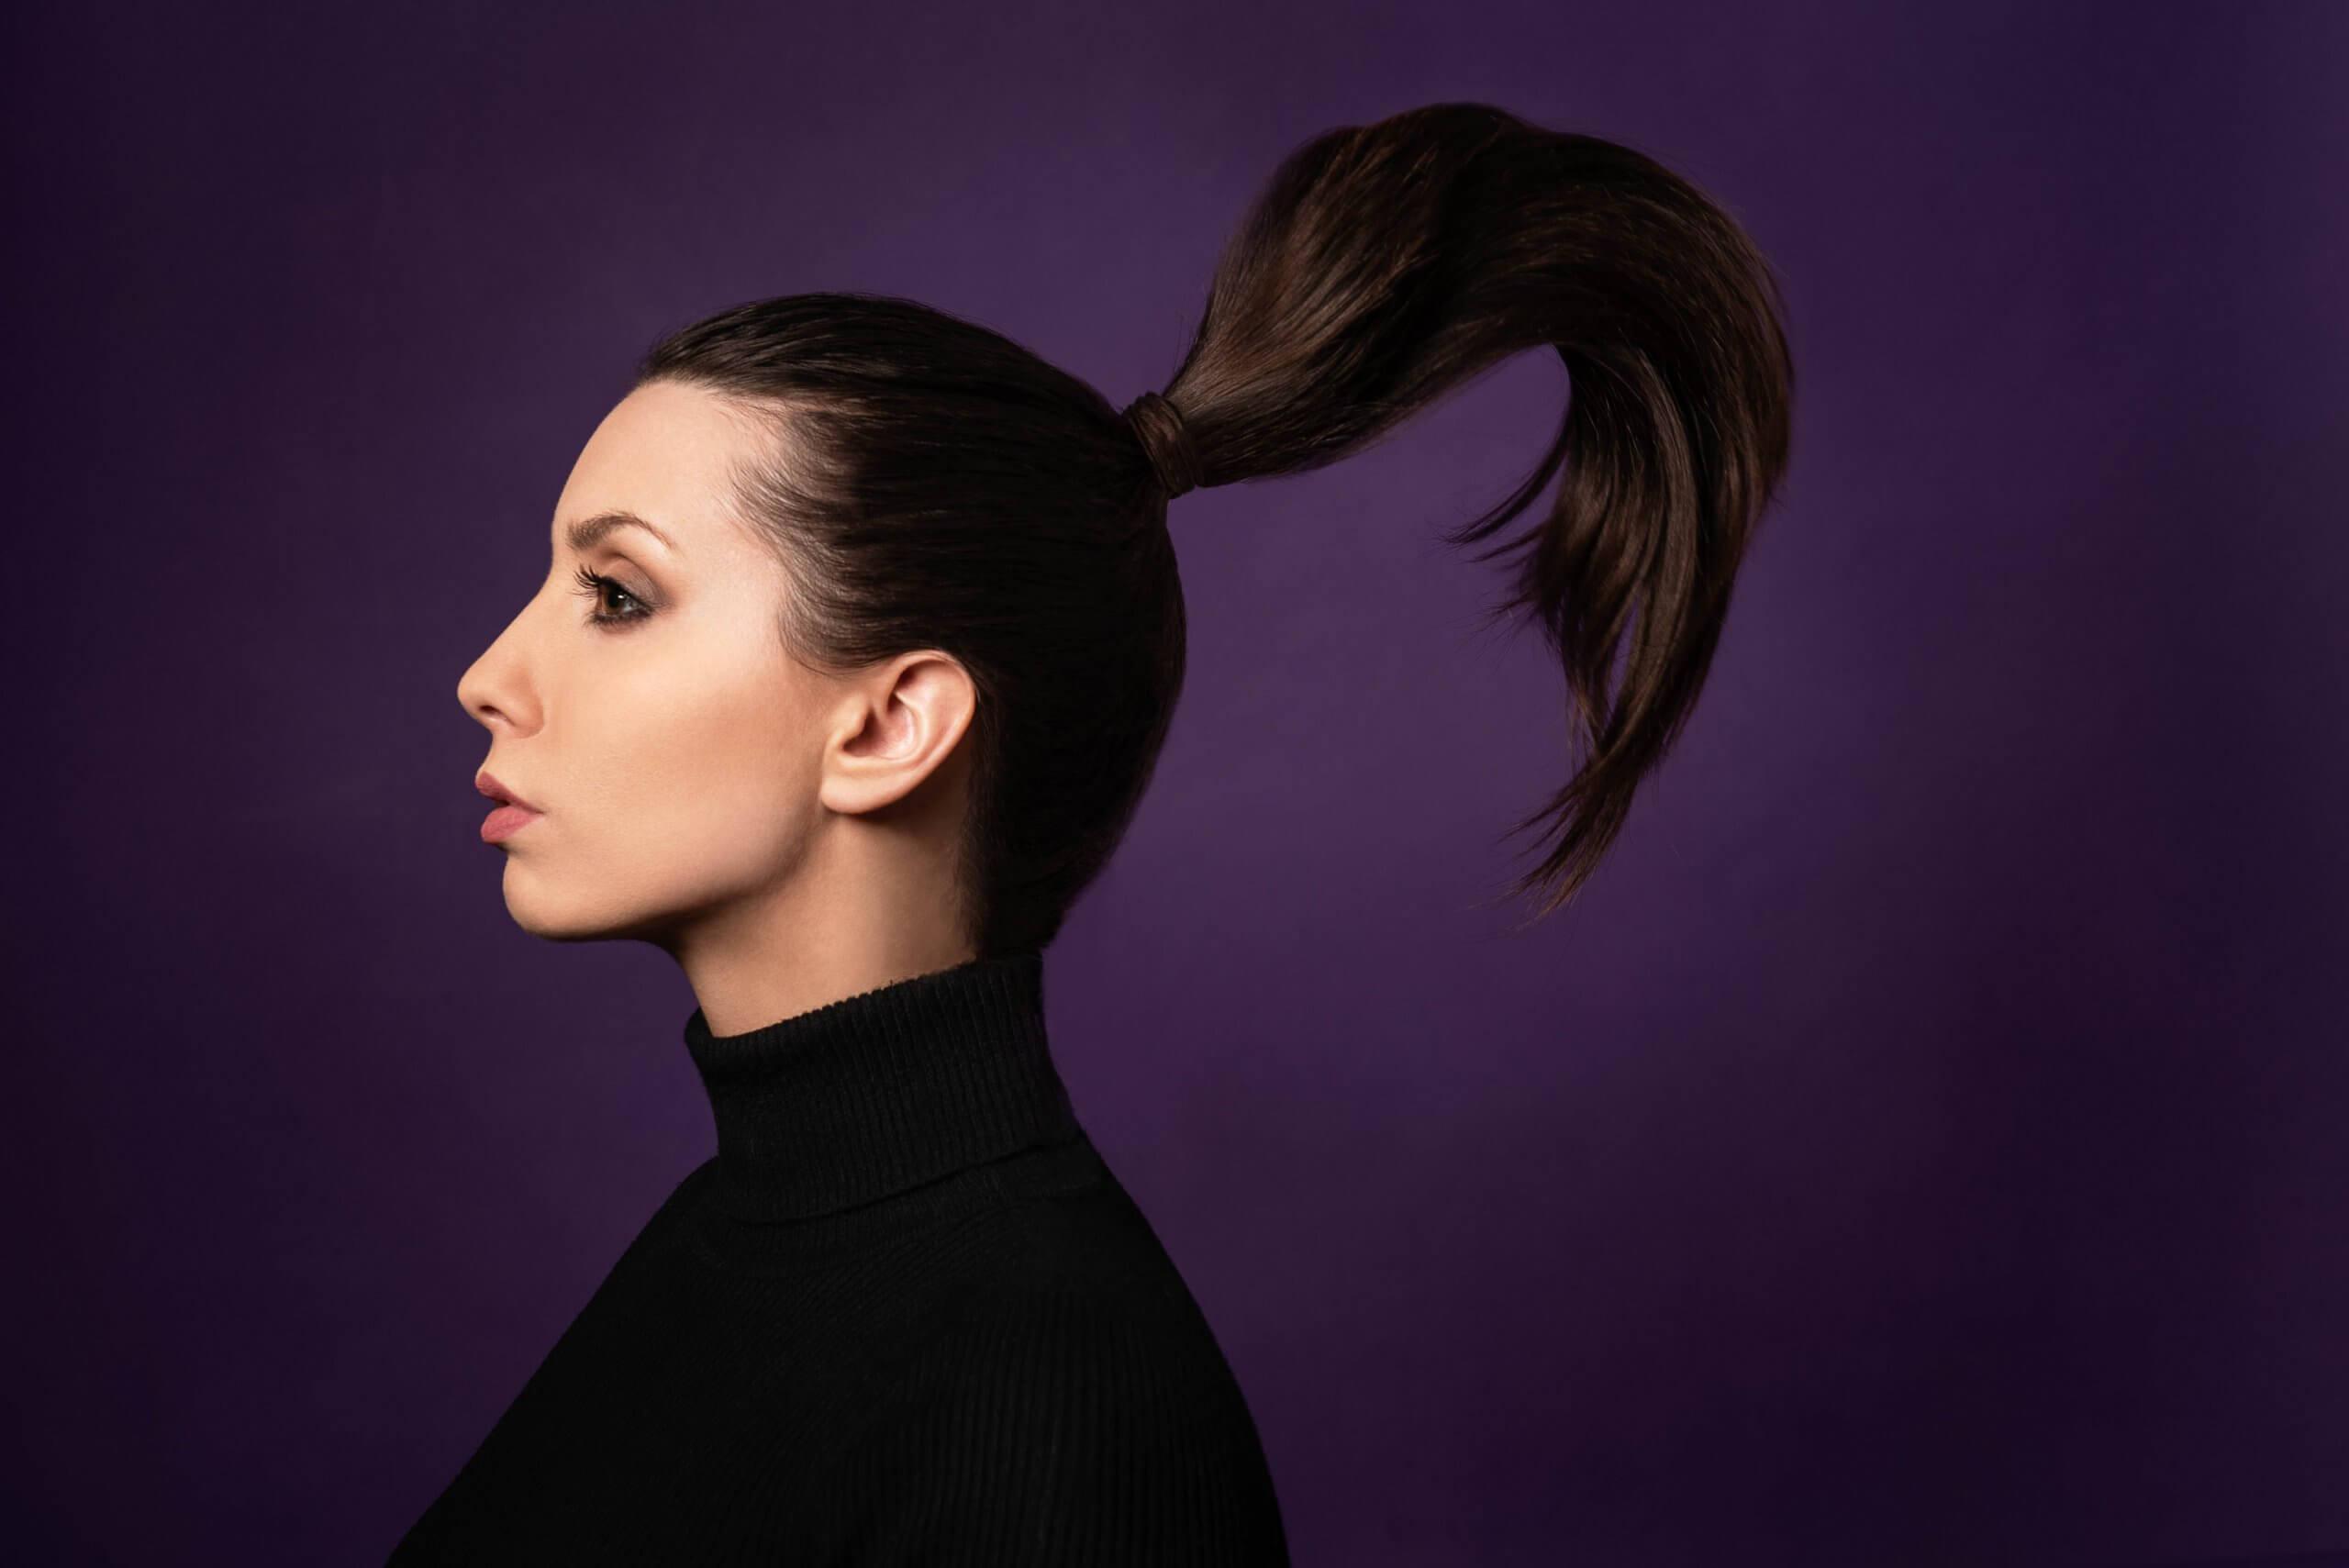 autoportrait de profil mettant en valeur une queue de cheval qui vole en l'air et une retouche esthétique avancée